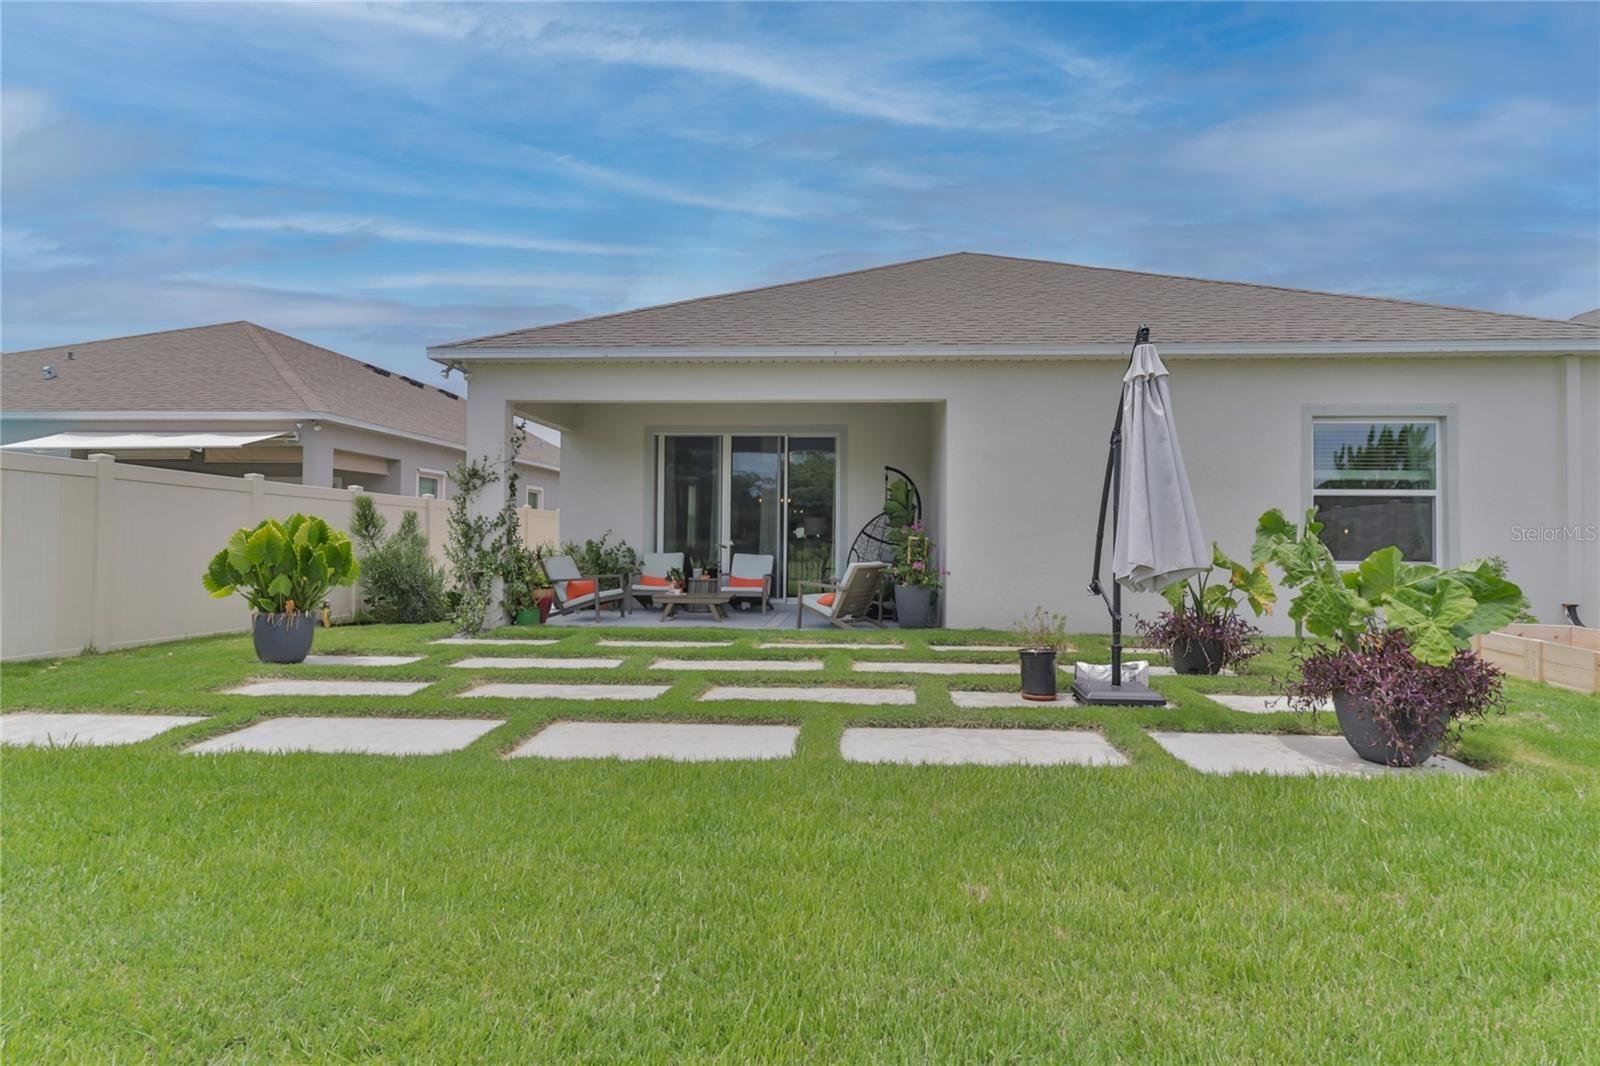 Photo of 3513 76TH STREET E, PALMETTO, FL 34221 (MLS # A4503296)